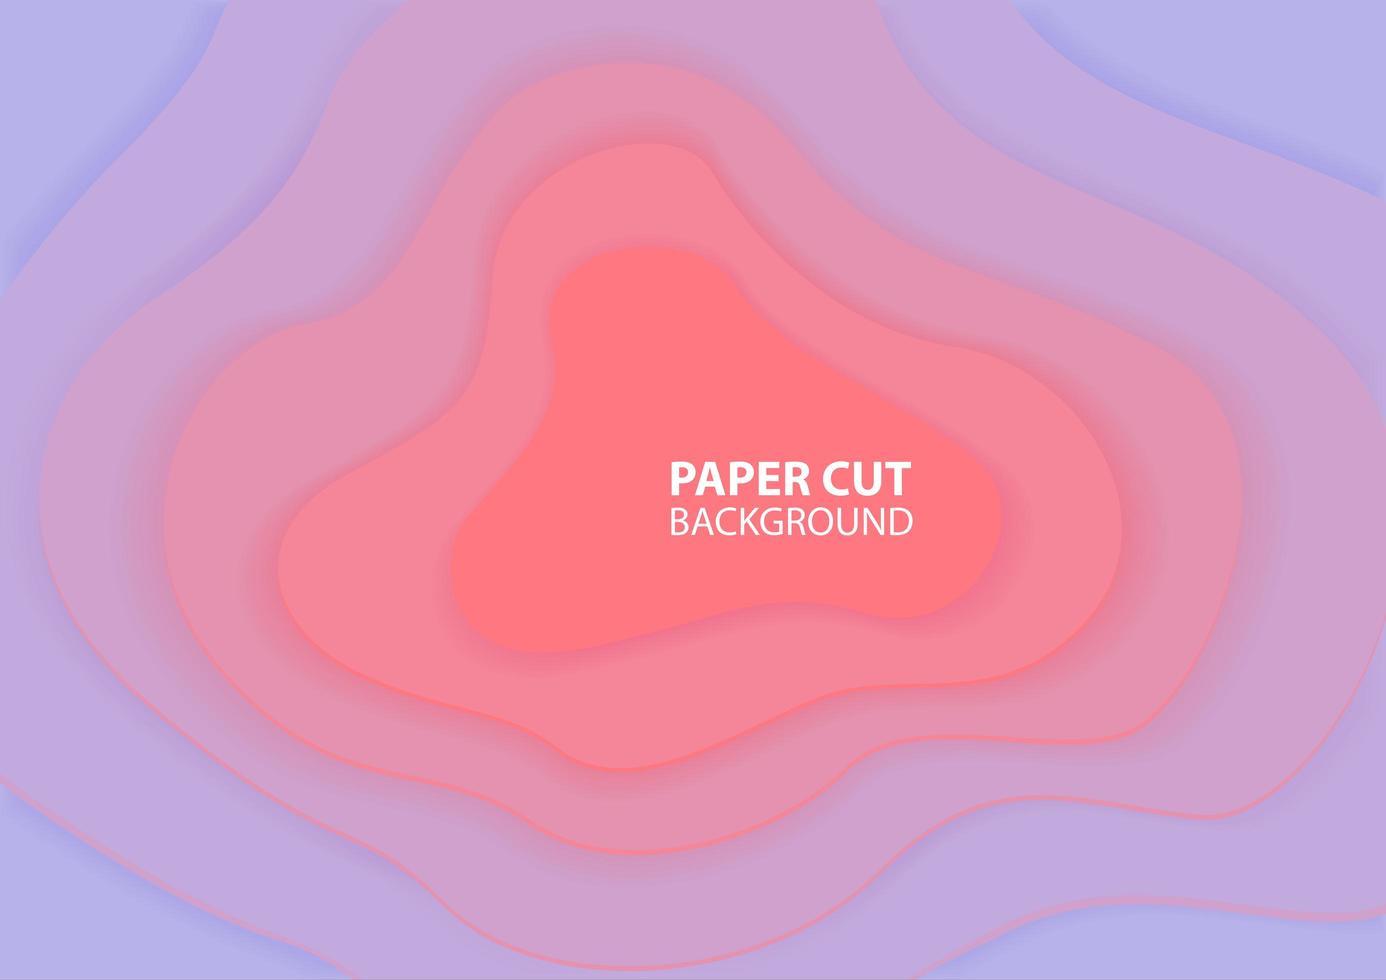 diseño de corte de papel degradado púrpura y rosa pastel vector